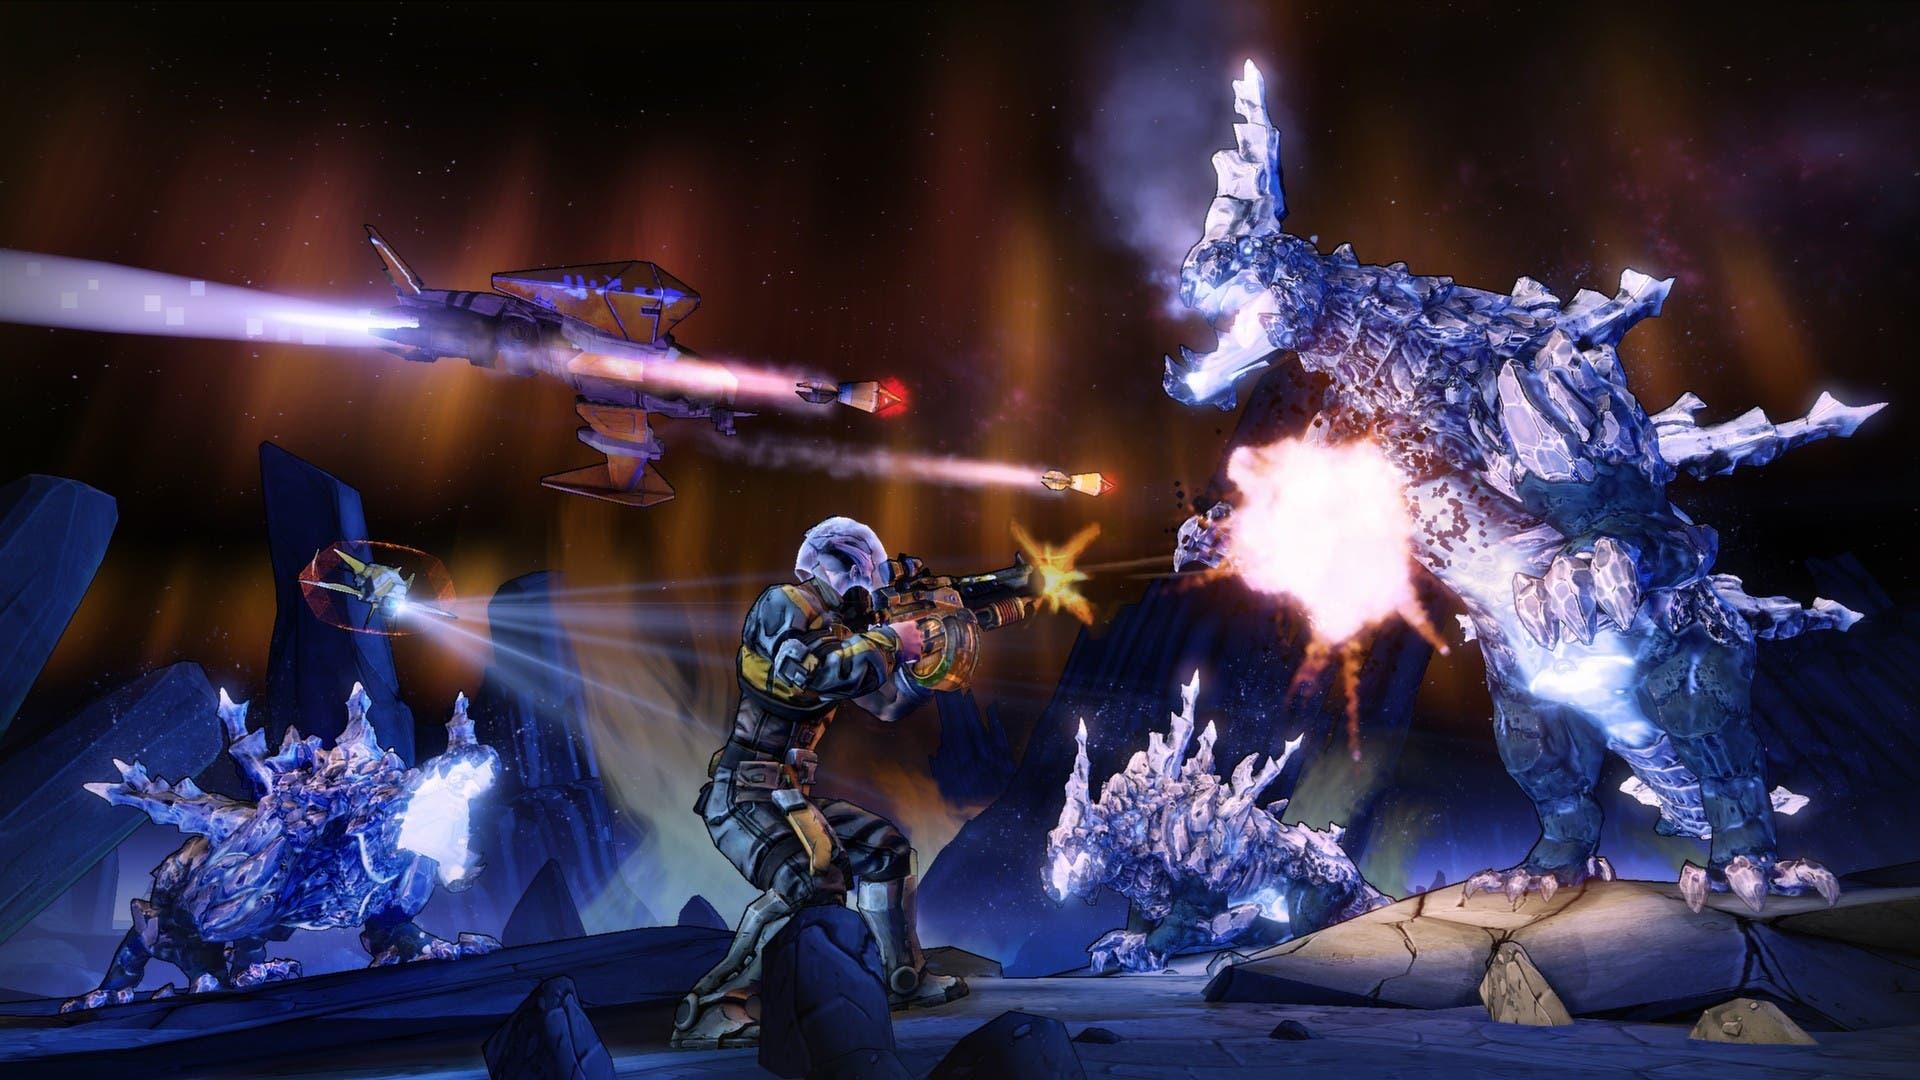 Si no fuese por Battleborn, Borderlands 3 no sería tan bueno